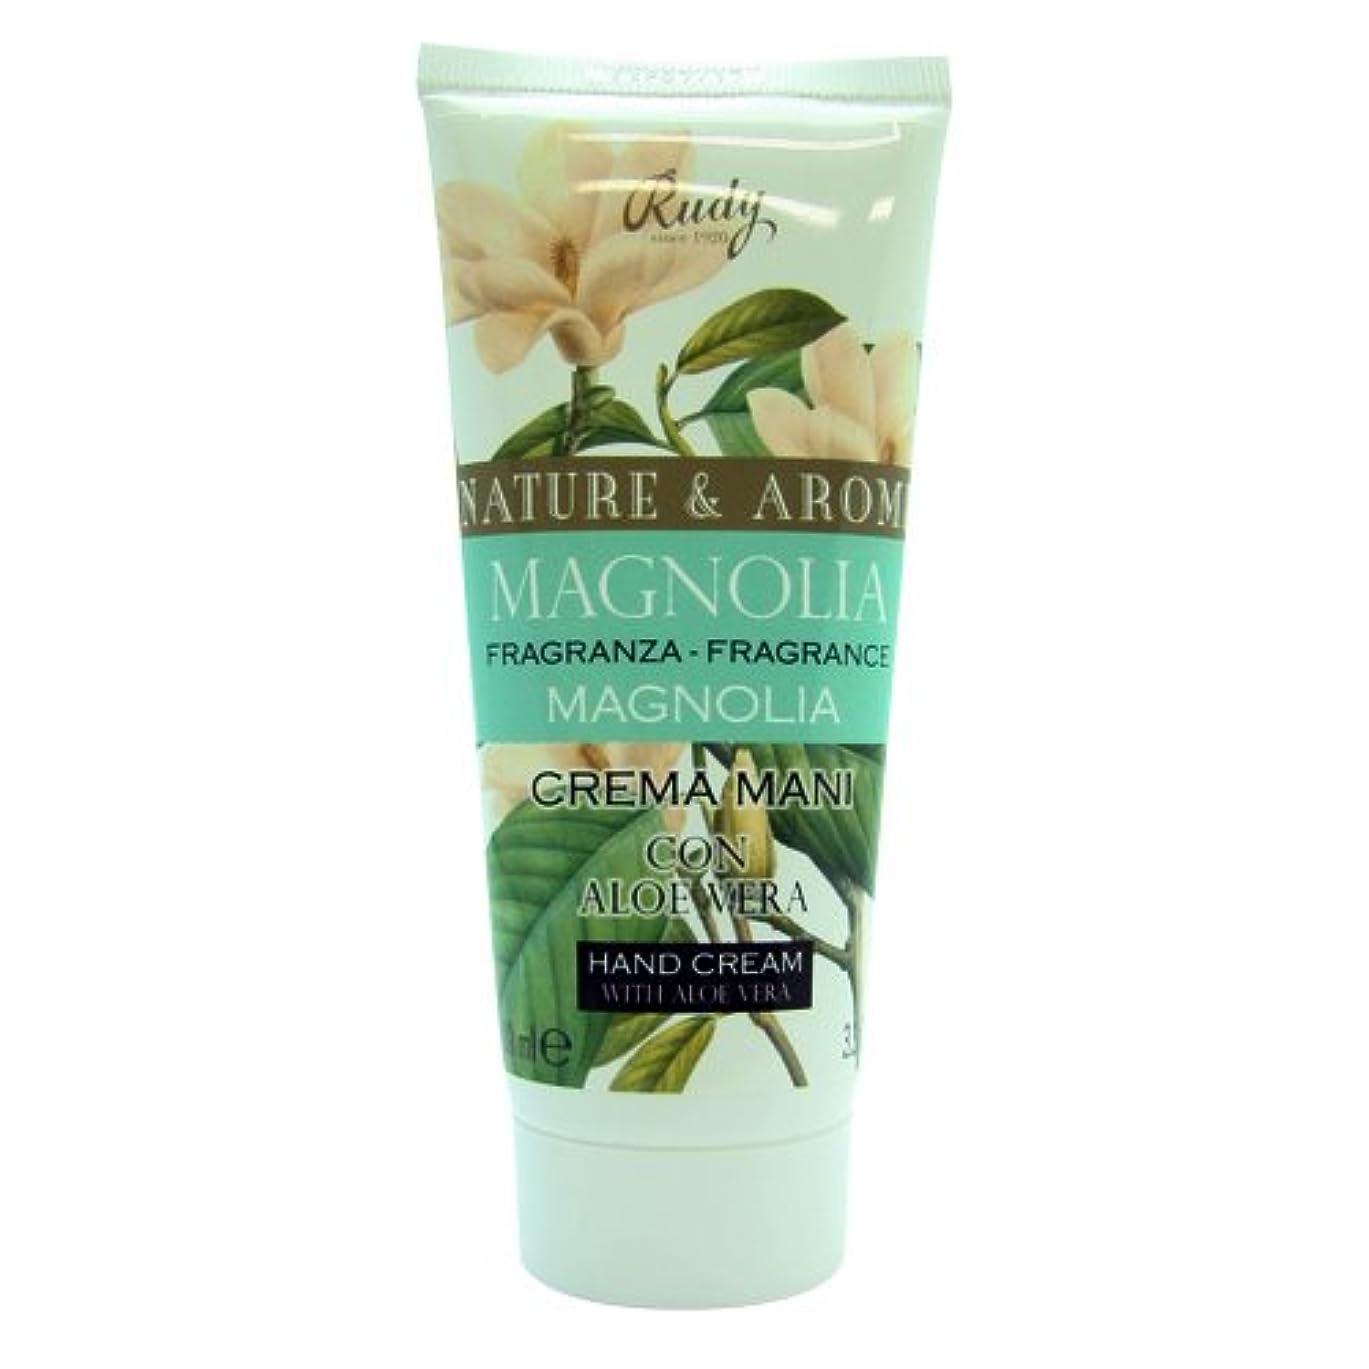 コース健康的前者RUDY Nature&Arome SERIES ルディ ナチュール&アロマ Hand Cream ハンドクリーム  Magnolia マグノリア